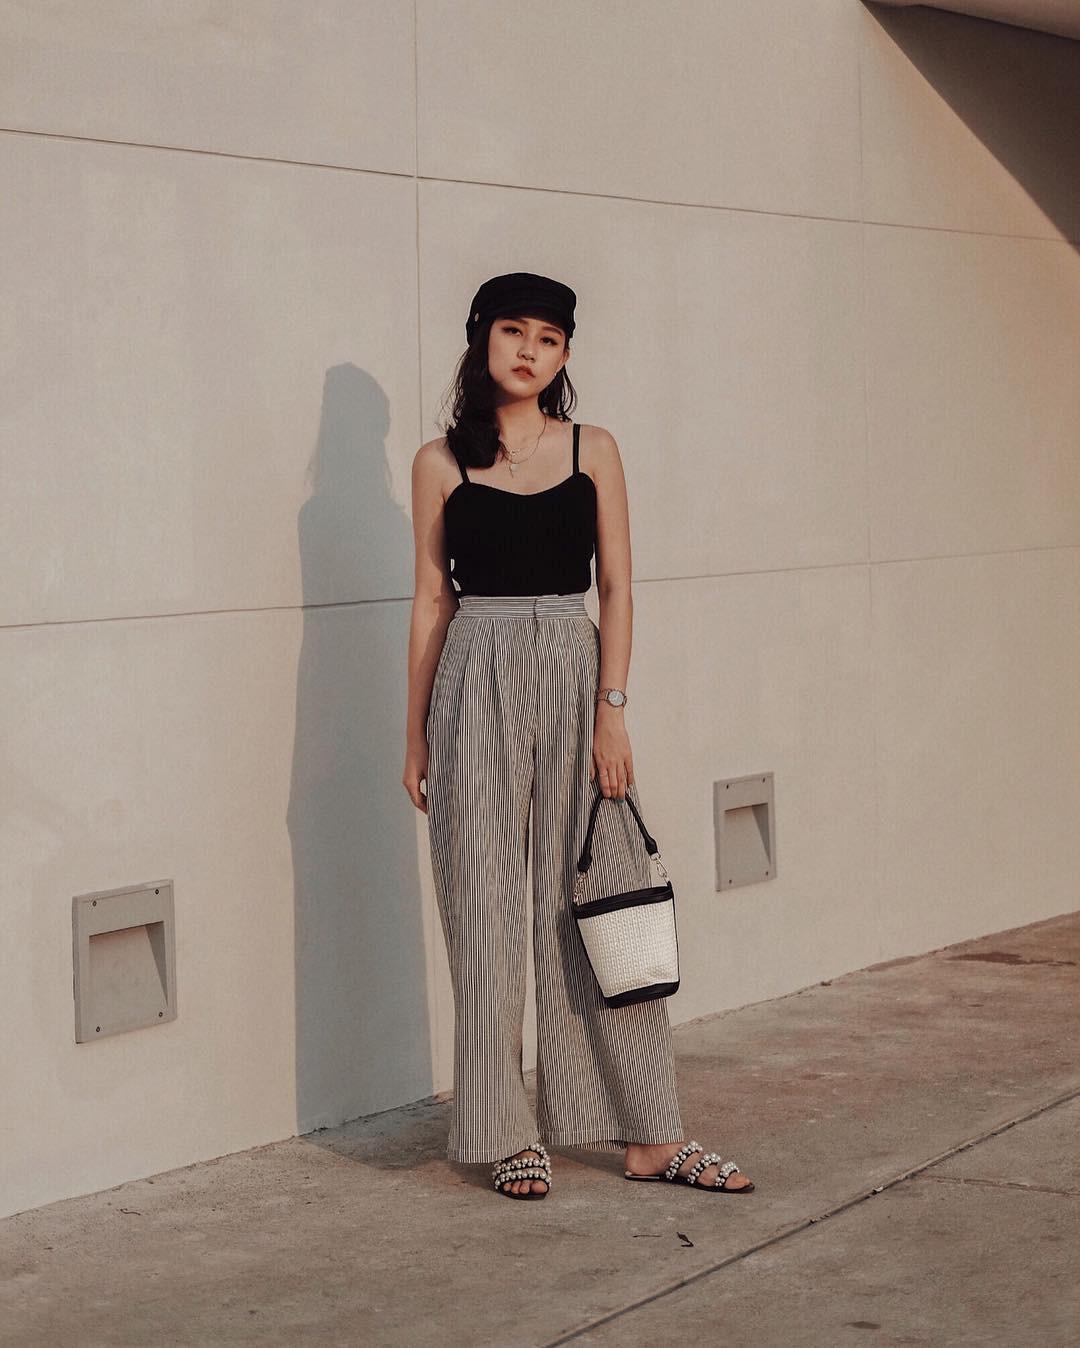 Cách phối đồ với quần culottes ngắn, chuẩn xu hướng thời trang đang hot nhất 2019  - Ảnh 10